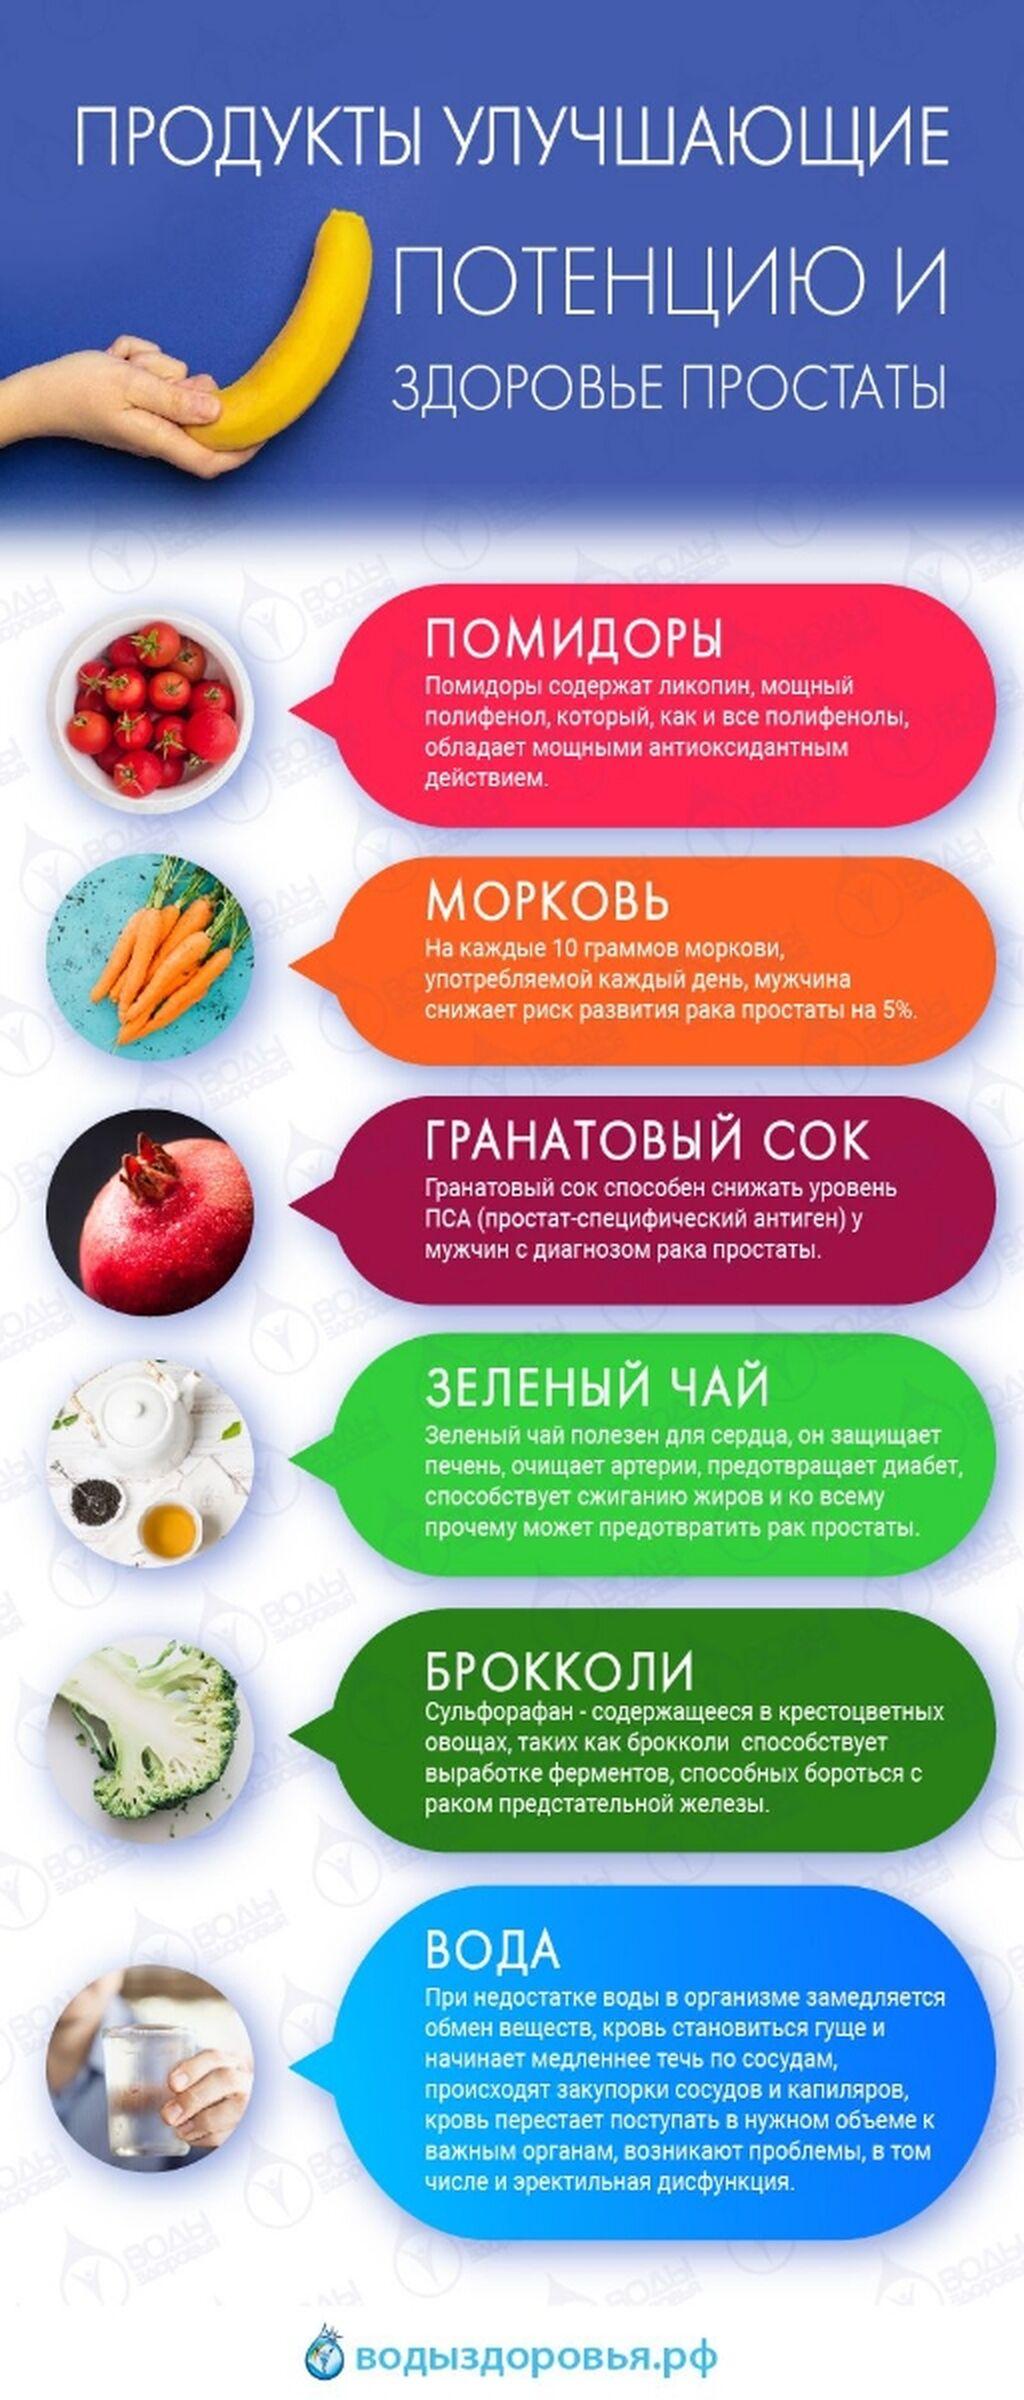 Продукты улучшающие мужское здоровье